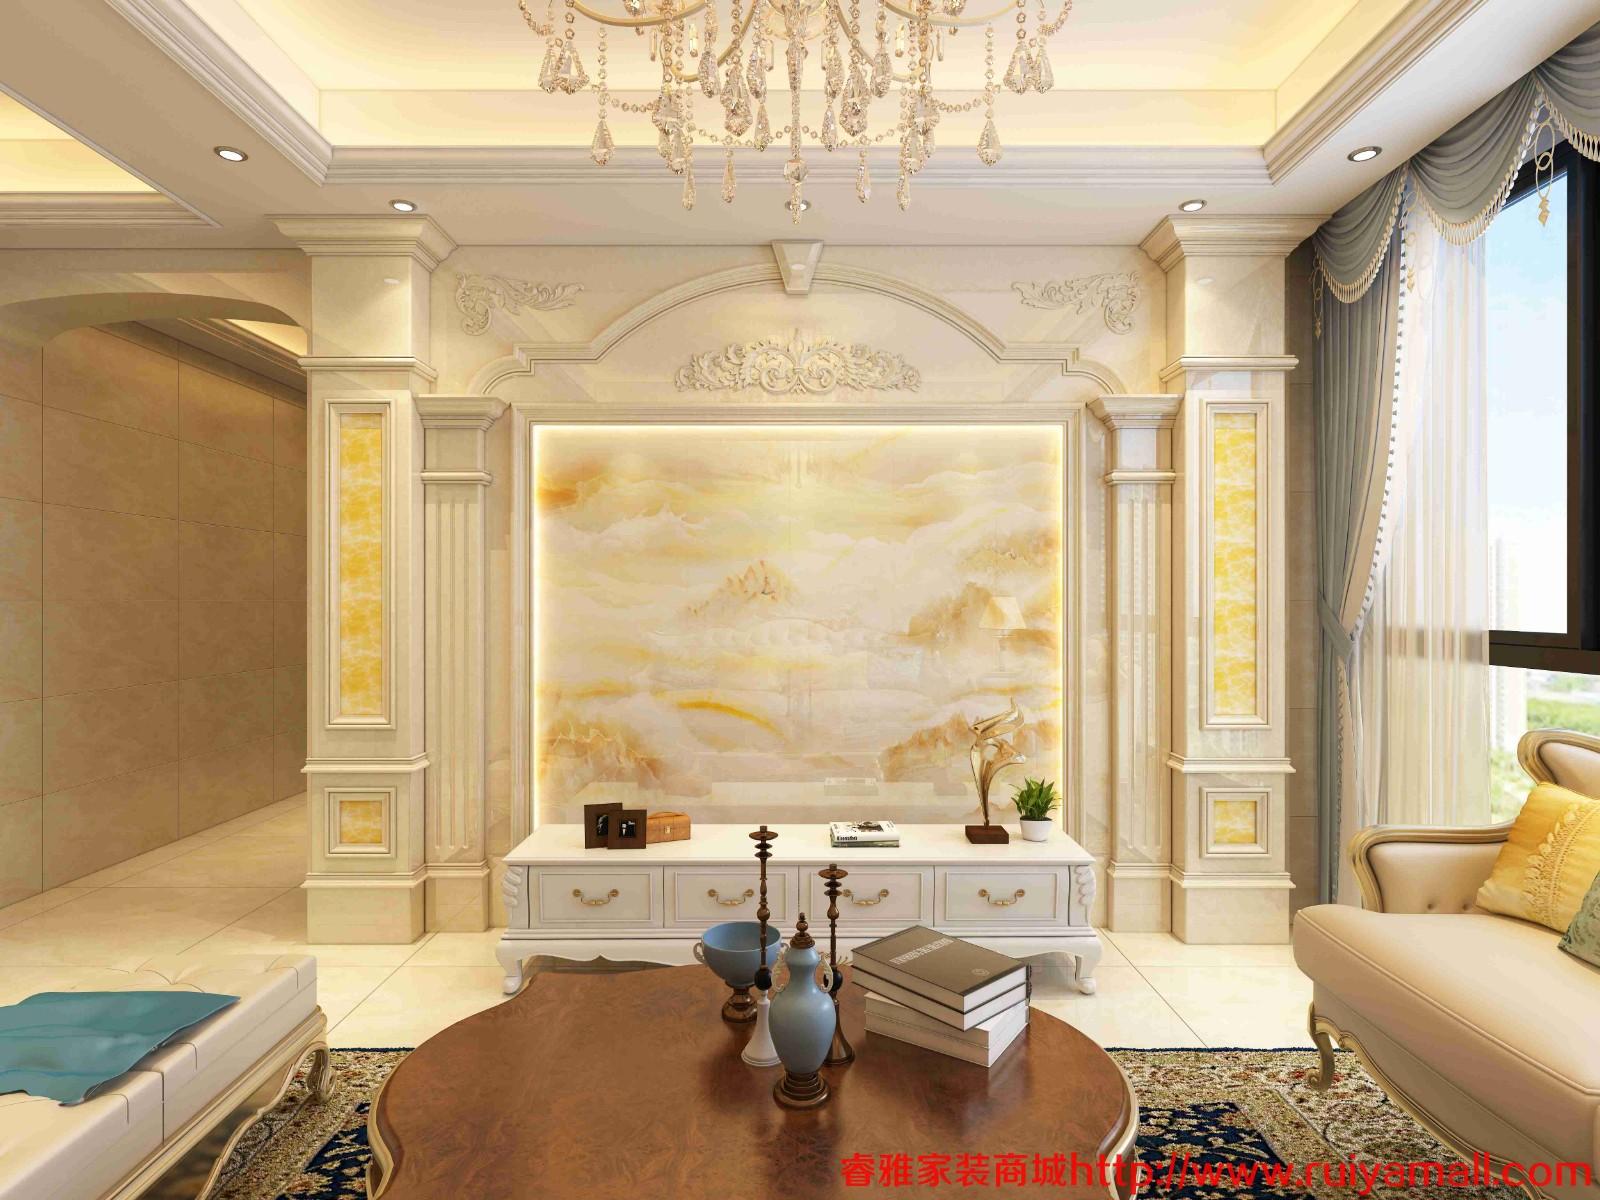 電視背景墻瓷磚現代簡約客廳3D微晶石石材邊框裝飾造型石材護墻板-套餐9